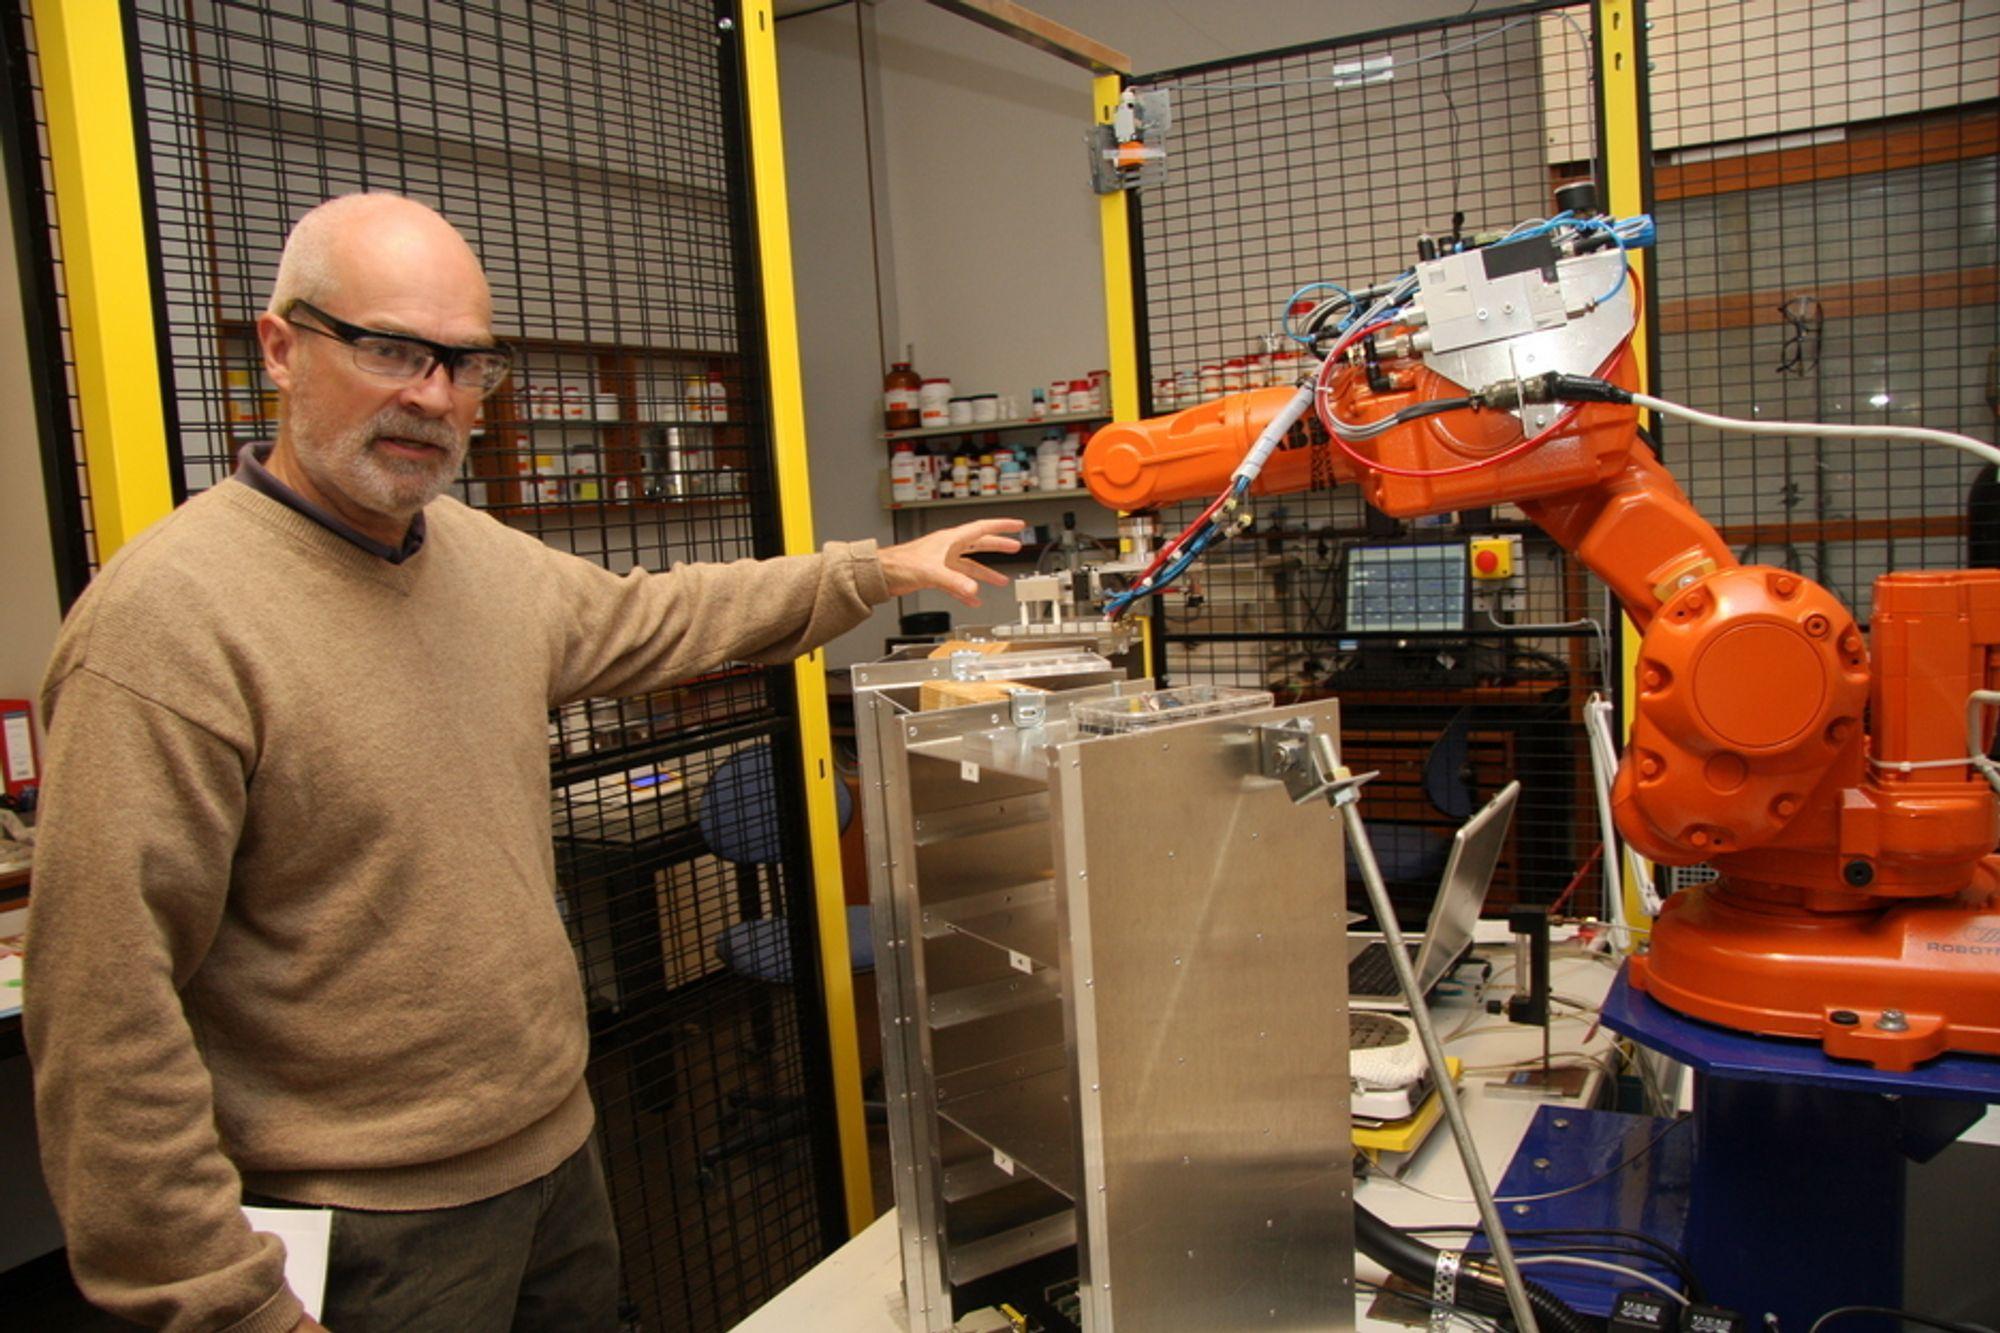 NATTARBEIDER: Rune Wendelbo er svært fornøyd med industriroboten han har kjøpt brukt og billig. Den gjør forsøk dagen lang, som forskerne kan bruke dagen på å analysere.